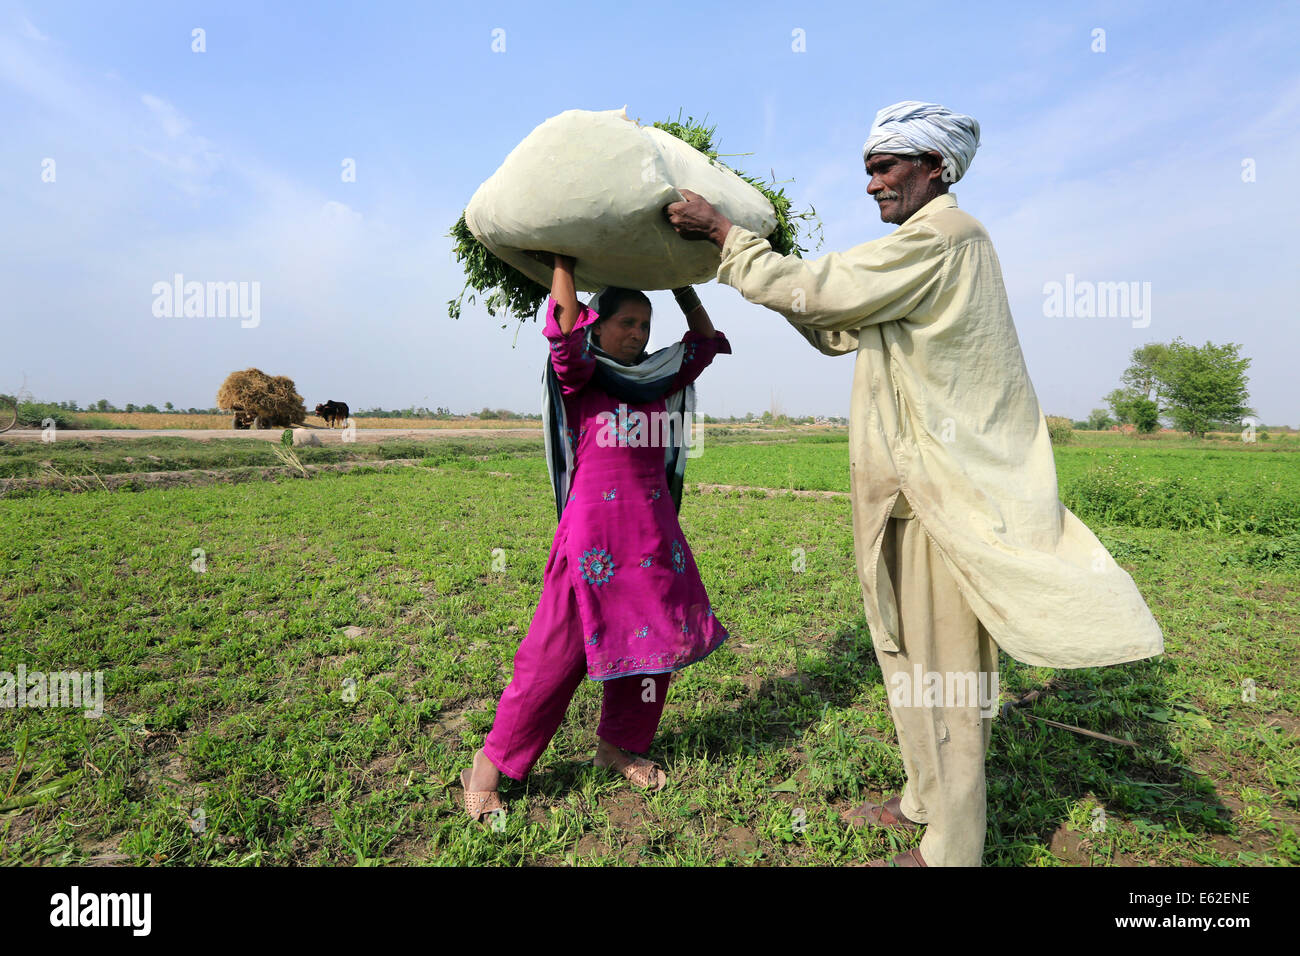 Los agricultores llevan un saco de trébol cosechada para alimentar a sus animales, cerca de la aldea de Khuspur, Imagen De Stock